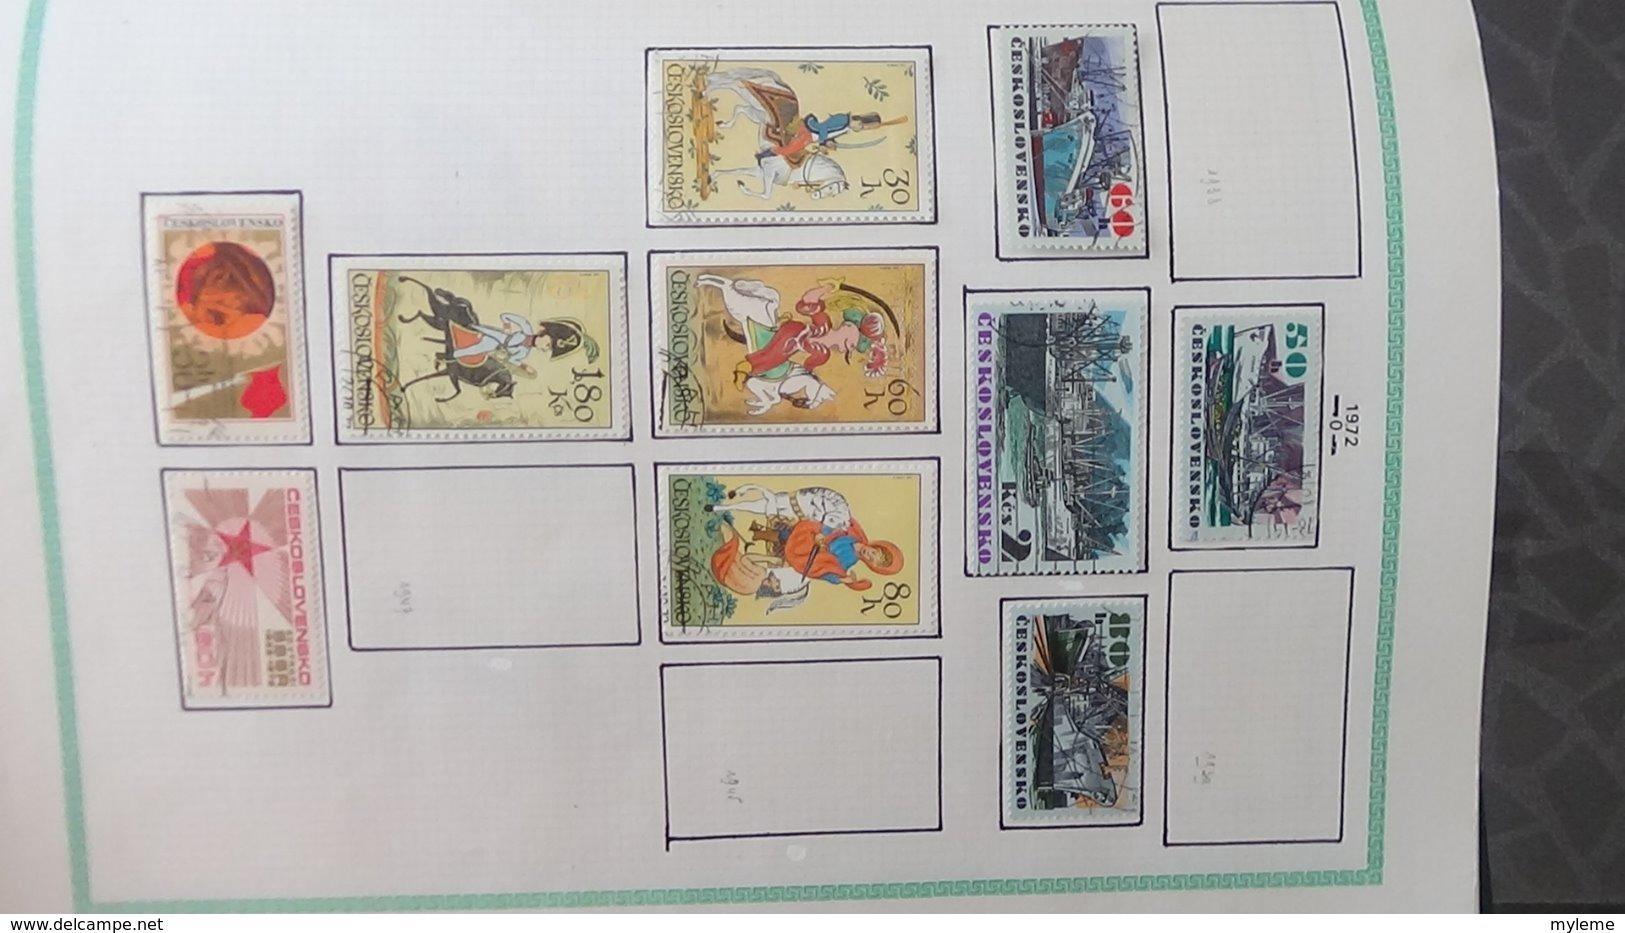 Grosse Collection De TCHECOSLOVAQUIE Bien Suivie Toutes Les Photos N'ont Pas été Prises - Sammlungen (im Alben)